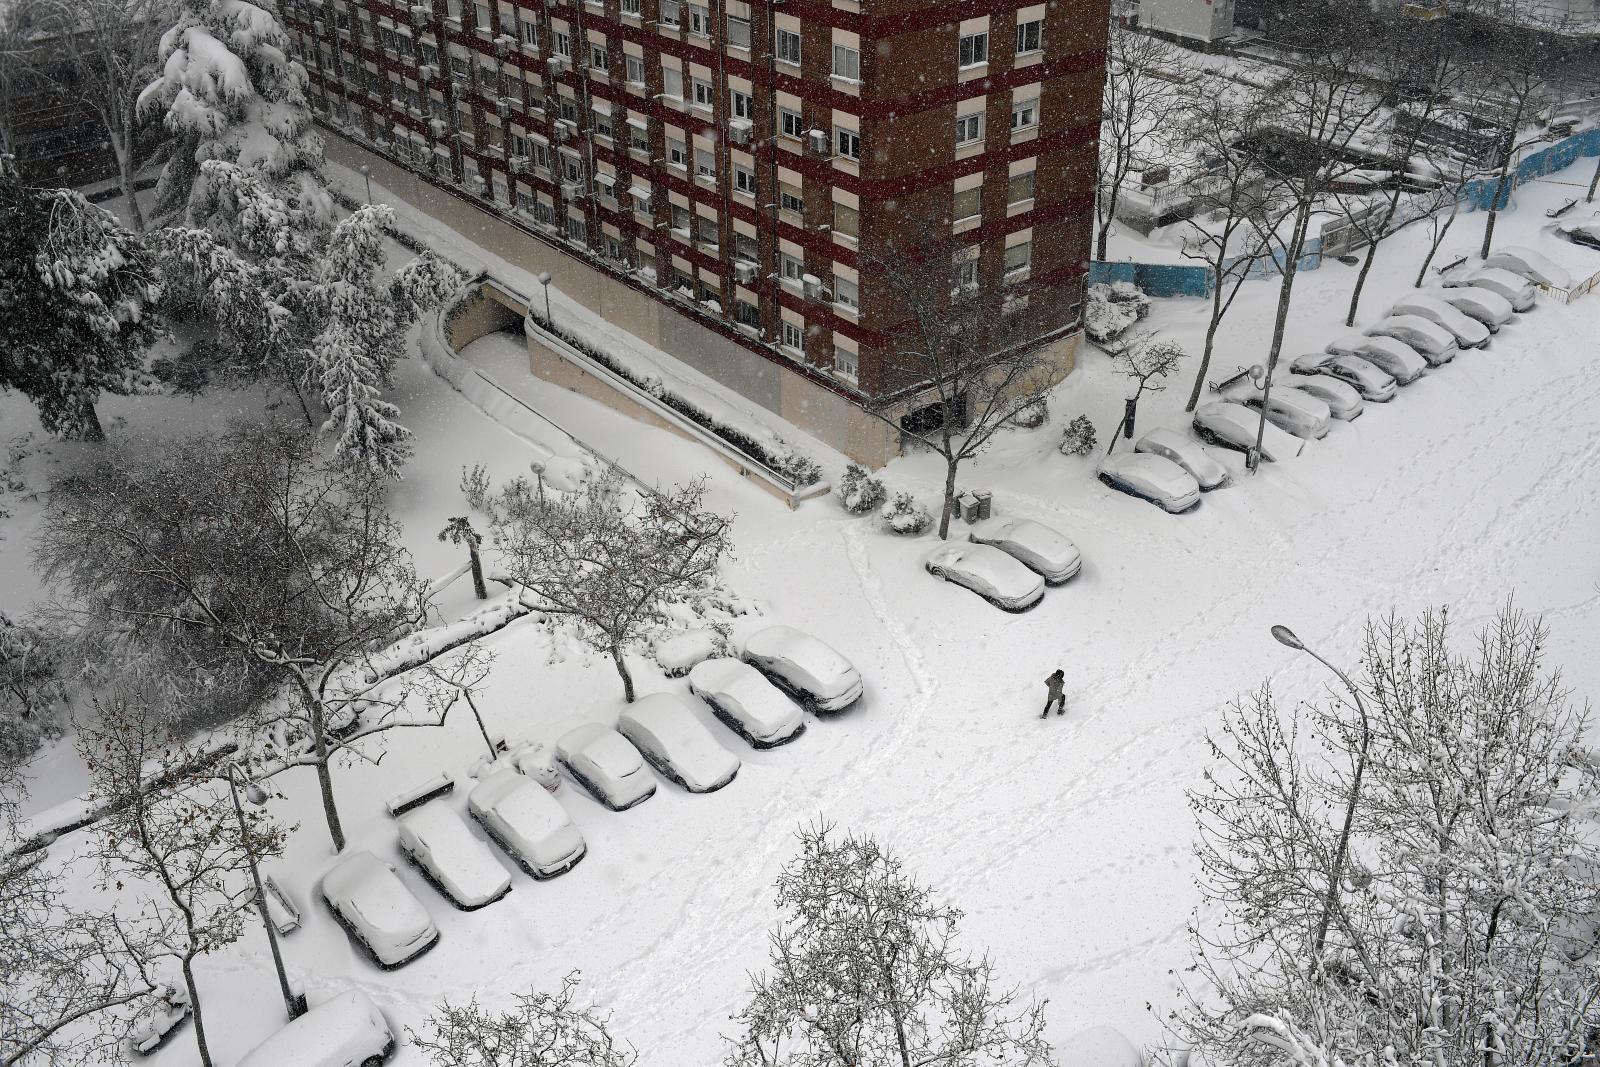 หนาวสะท้านโลก หิมะถล่มหลายประเทศหนักสุดเป็นประวัติการณ์